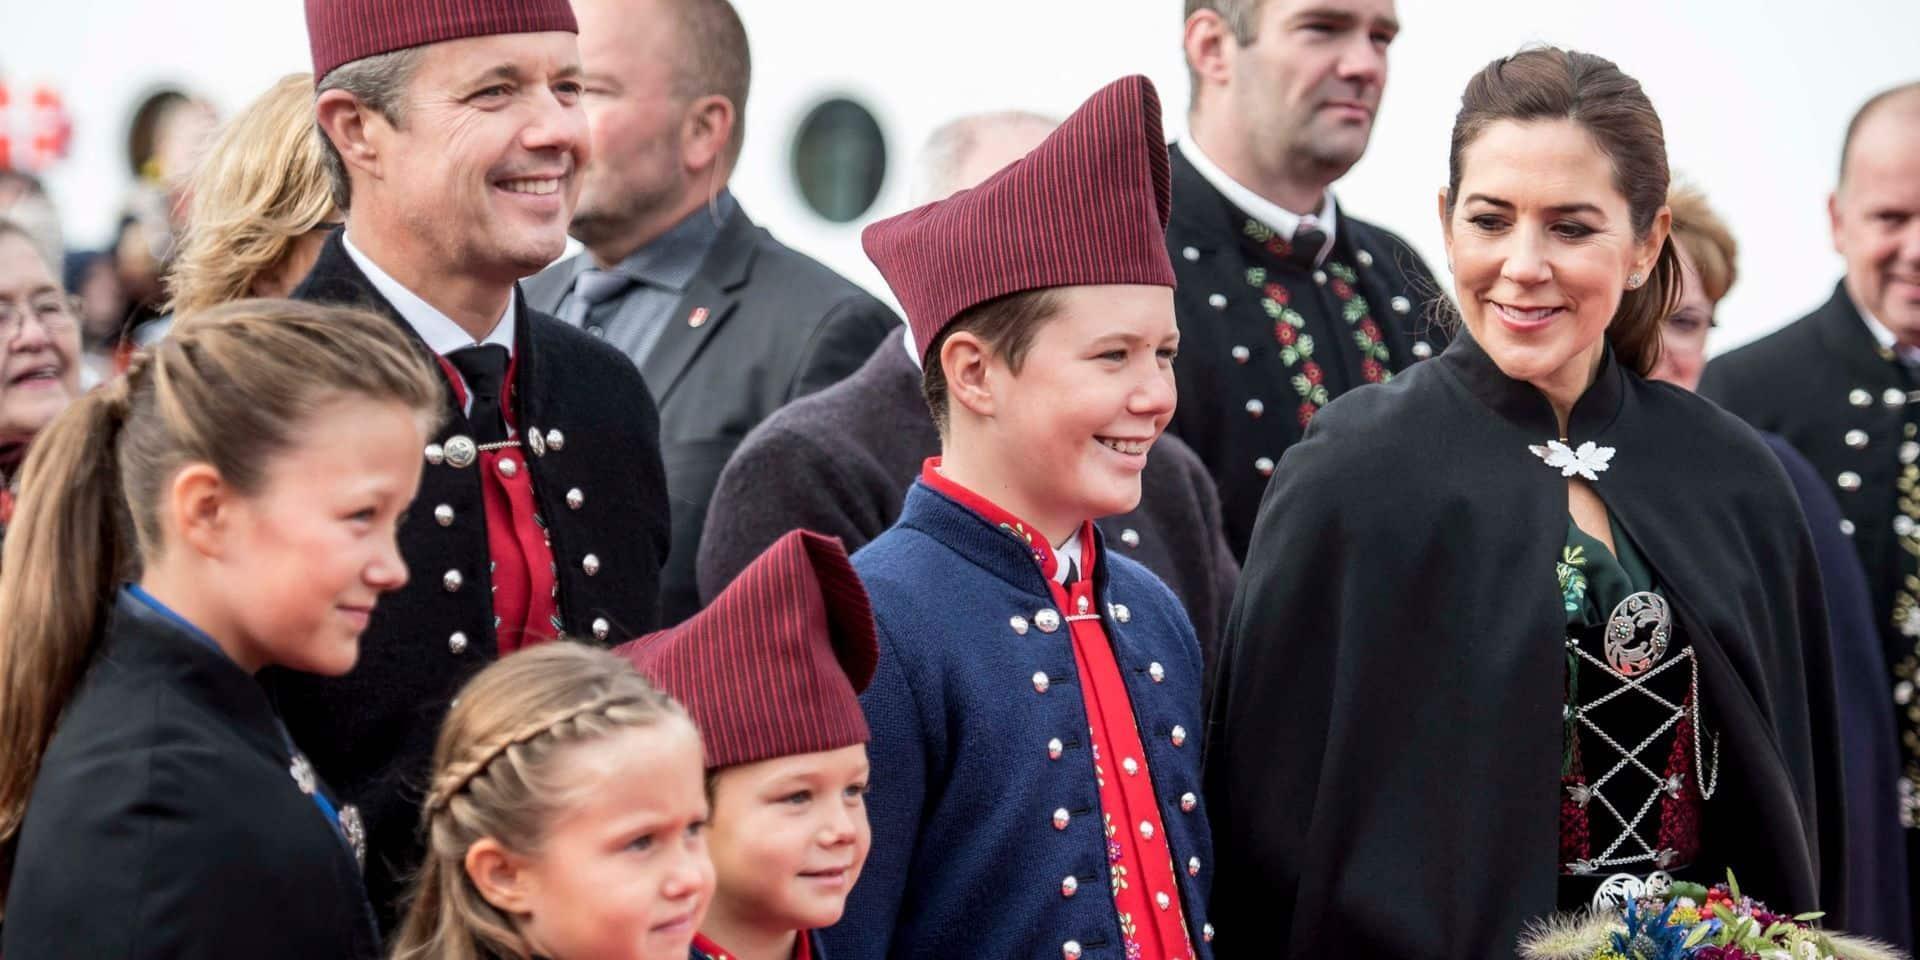 Le prince Christian de Danemark, 15 ans, va pouvoir passer un cap important